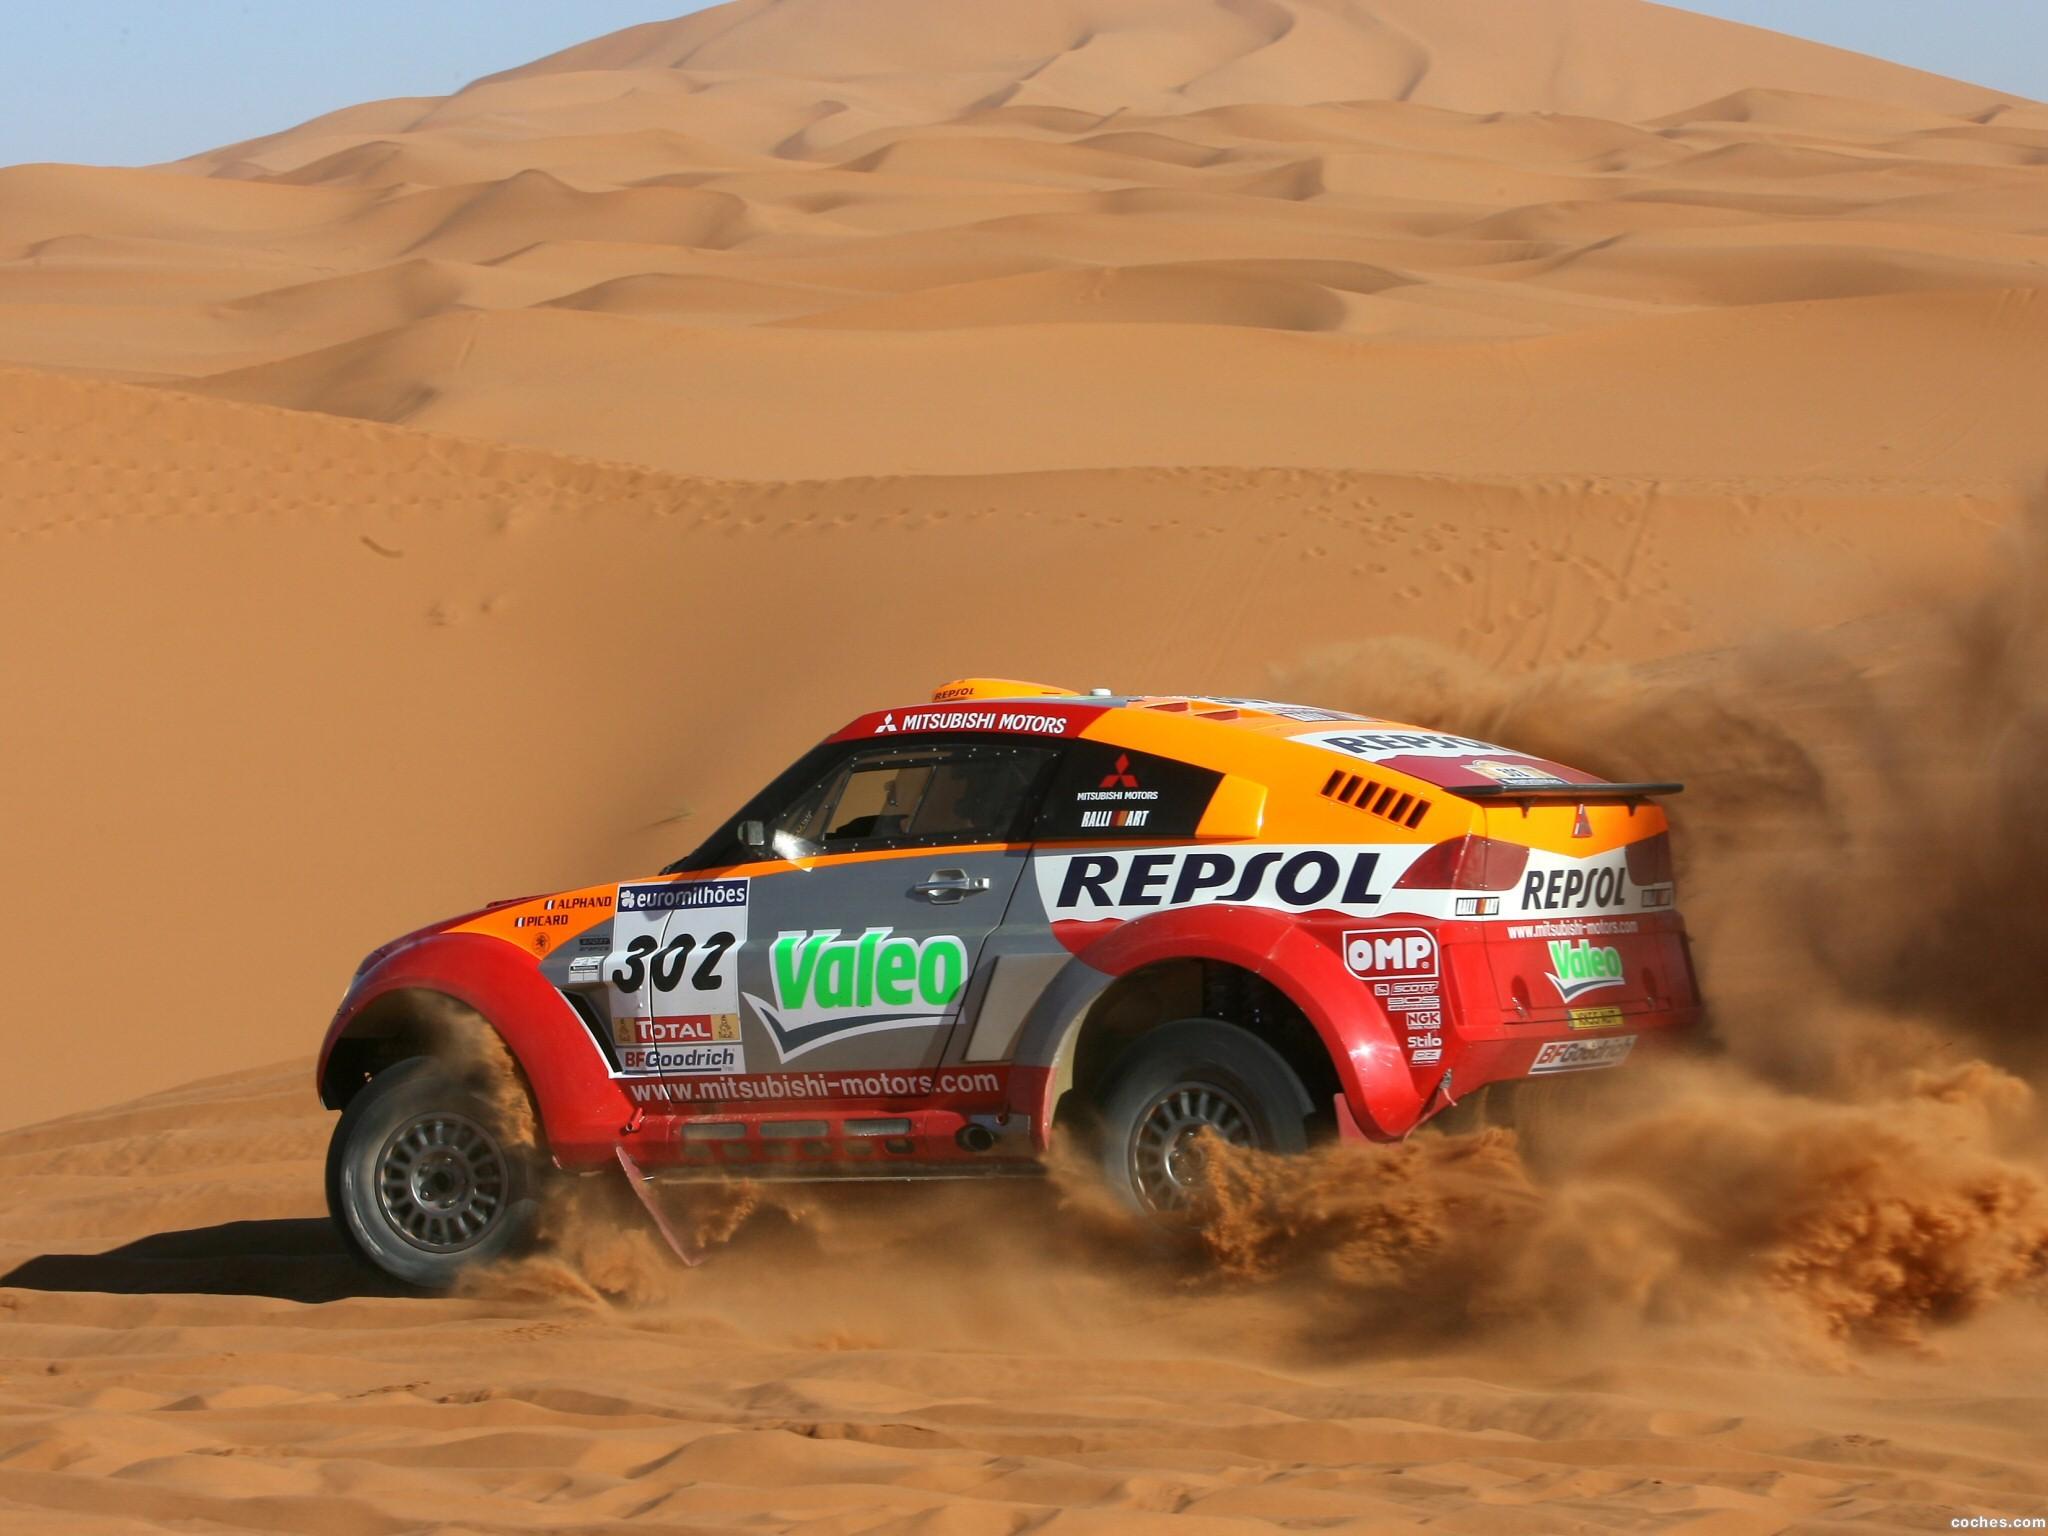 Foto 14 de Mitsubishi Pajero Dakar 2006